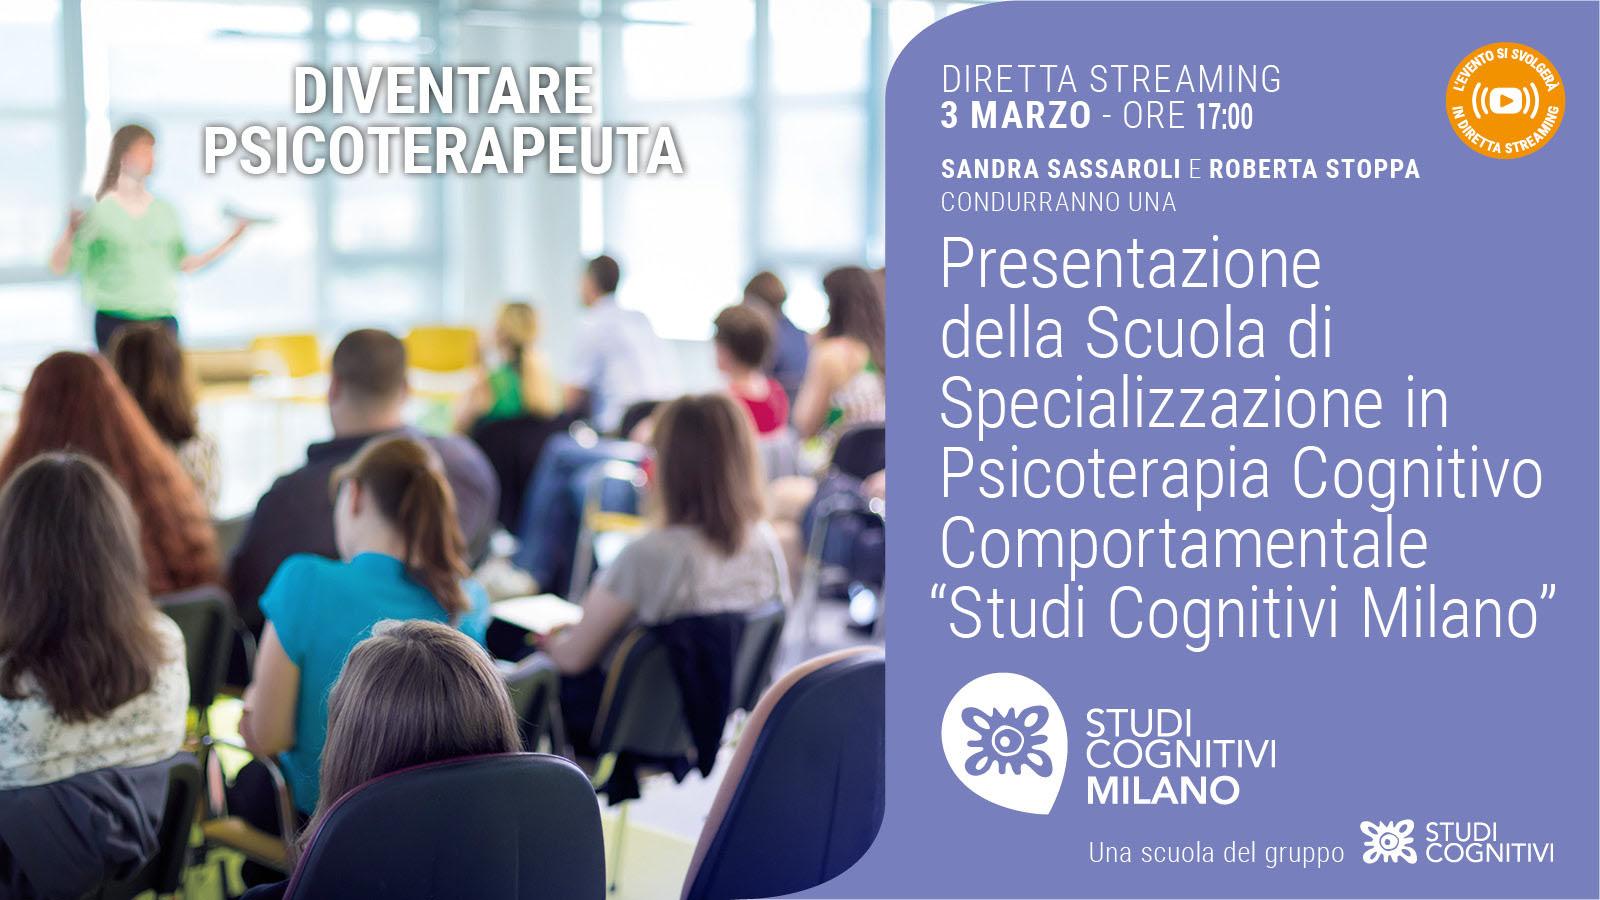 MILANO - 210303 - Presentazione Scuole - Banner - 1700